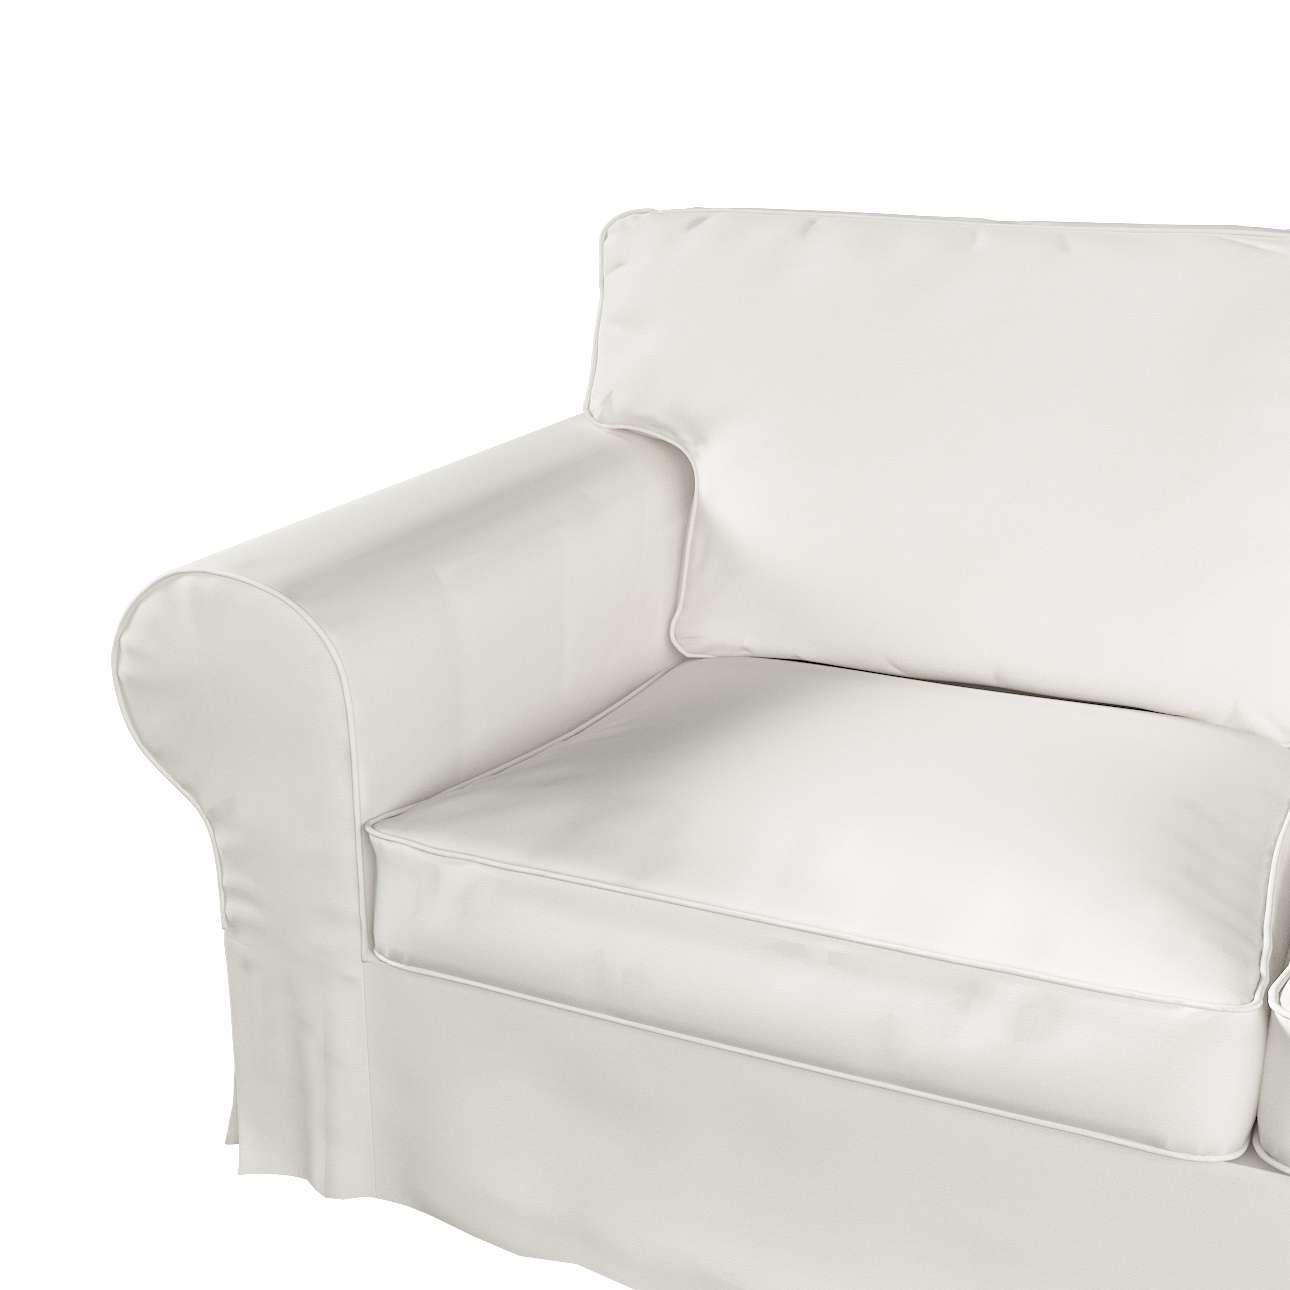 Pokrowiec na sofę Ektorp 2-osobową i leżankę w kolekcji Cotton Panama, tkanina: 702-34